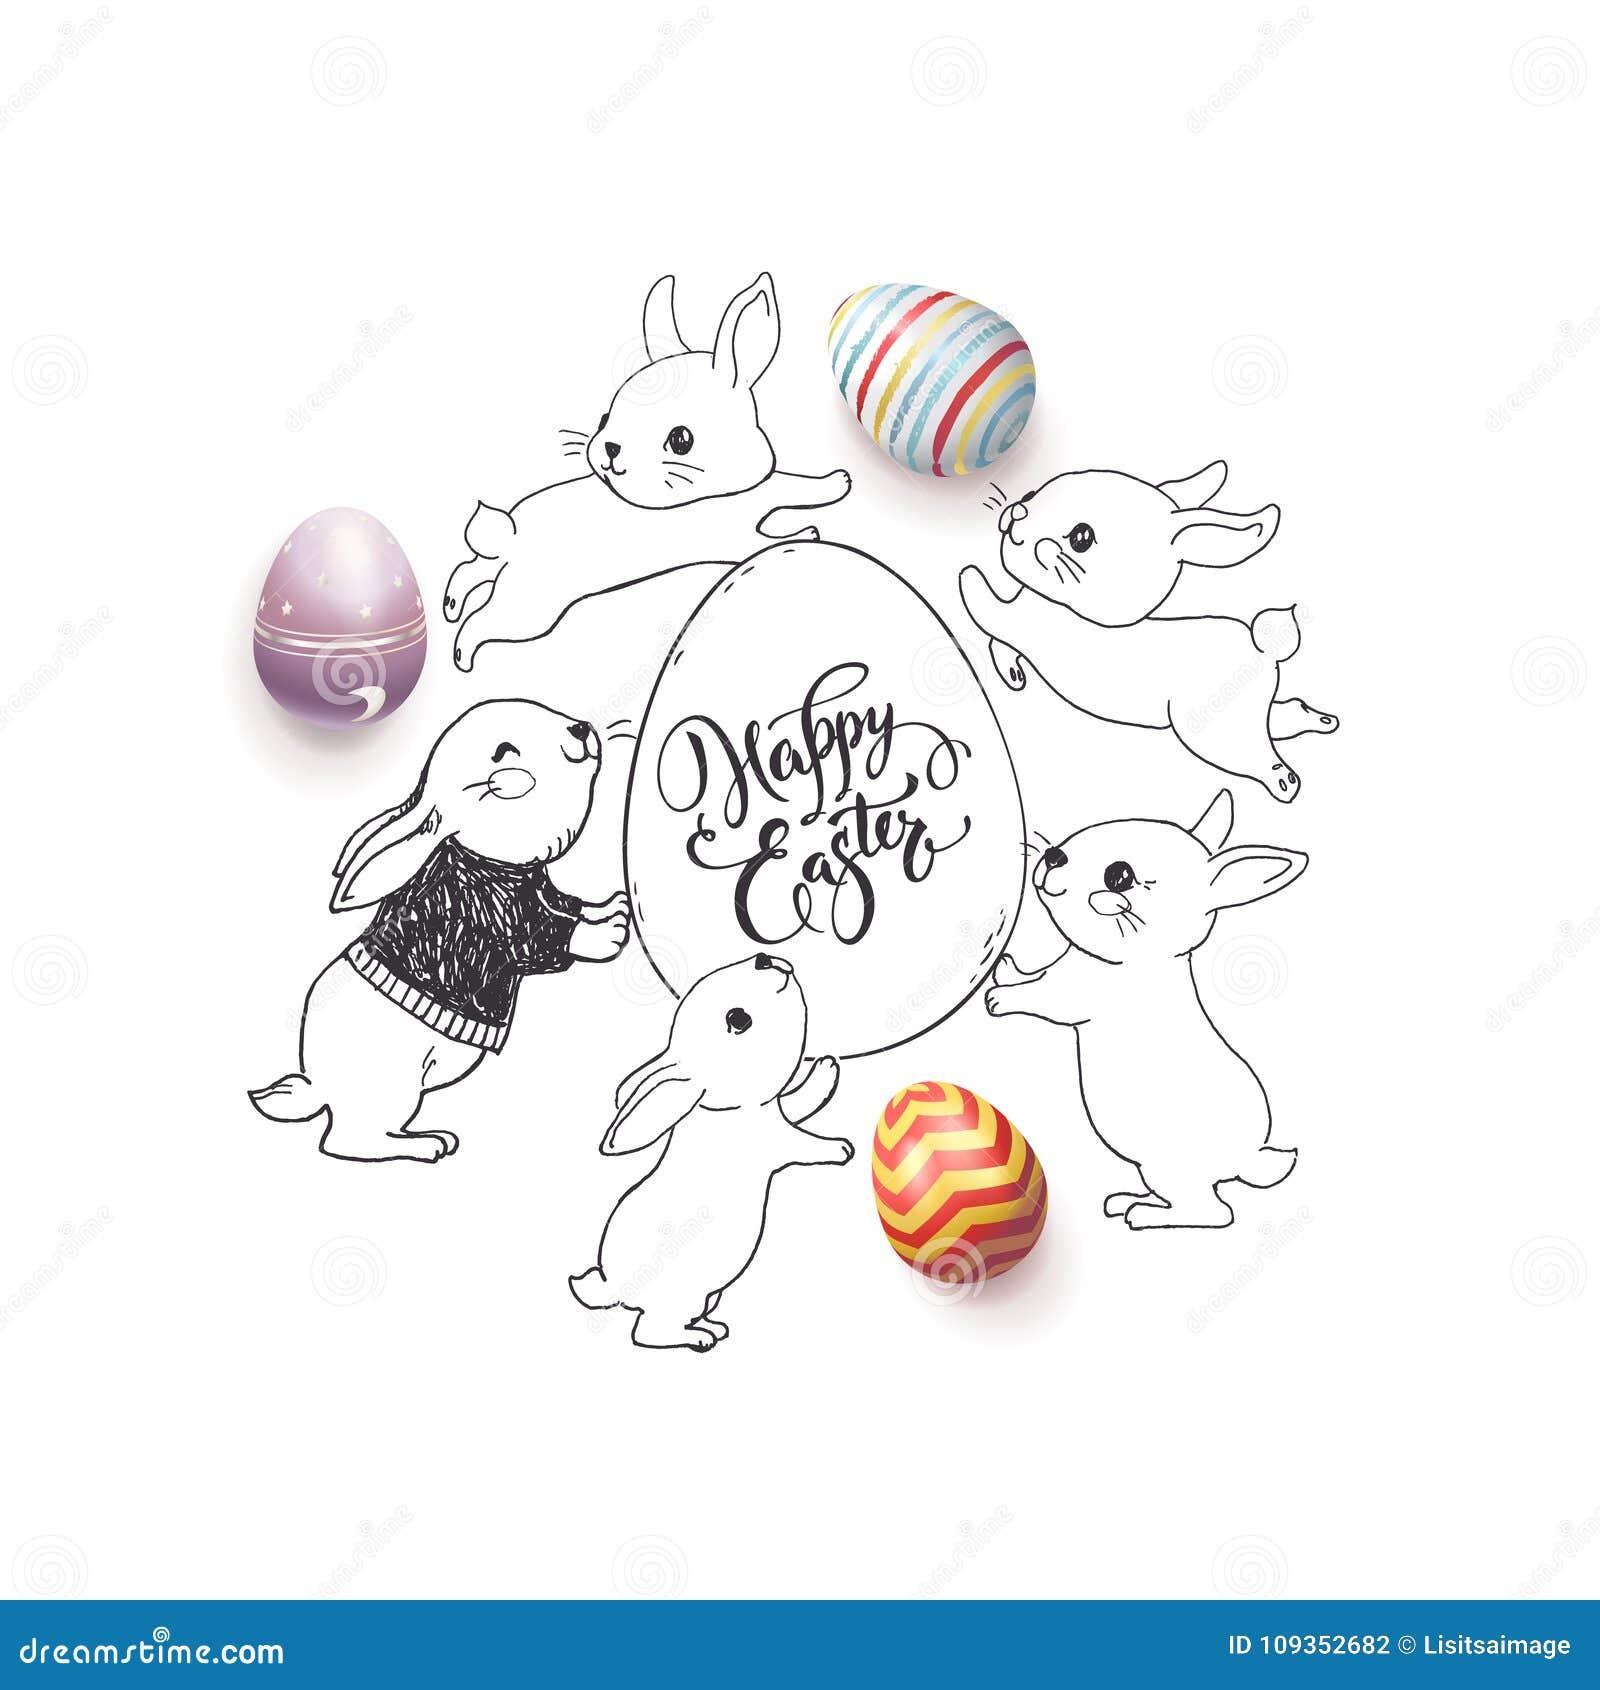 Desejo feliz tirado mão da Páscoa escrito à mão com fonte caligráfica, os ovos decorados coloridos e coelhos bonitos em torno del